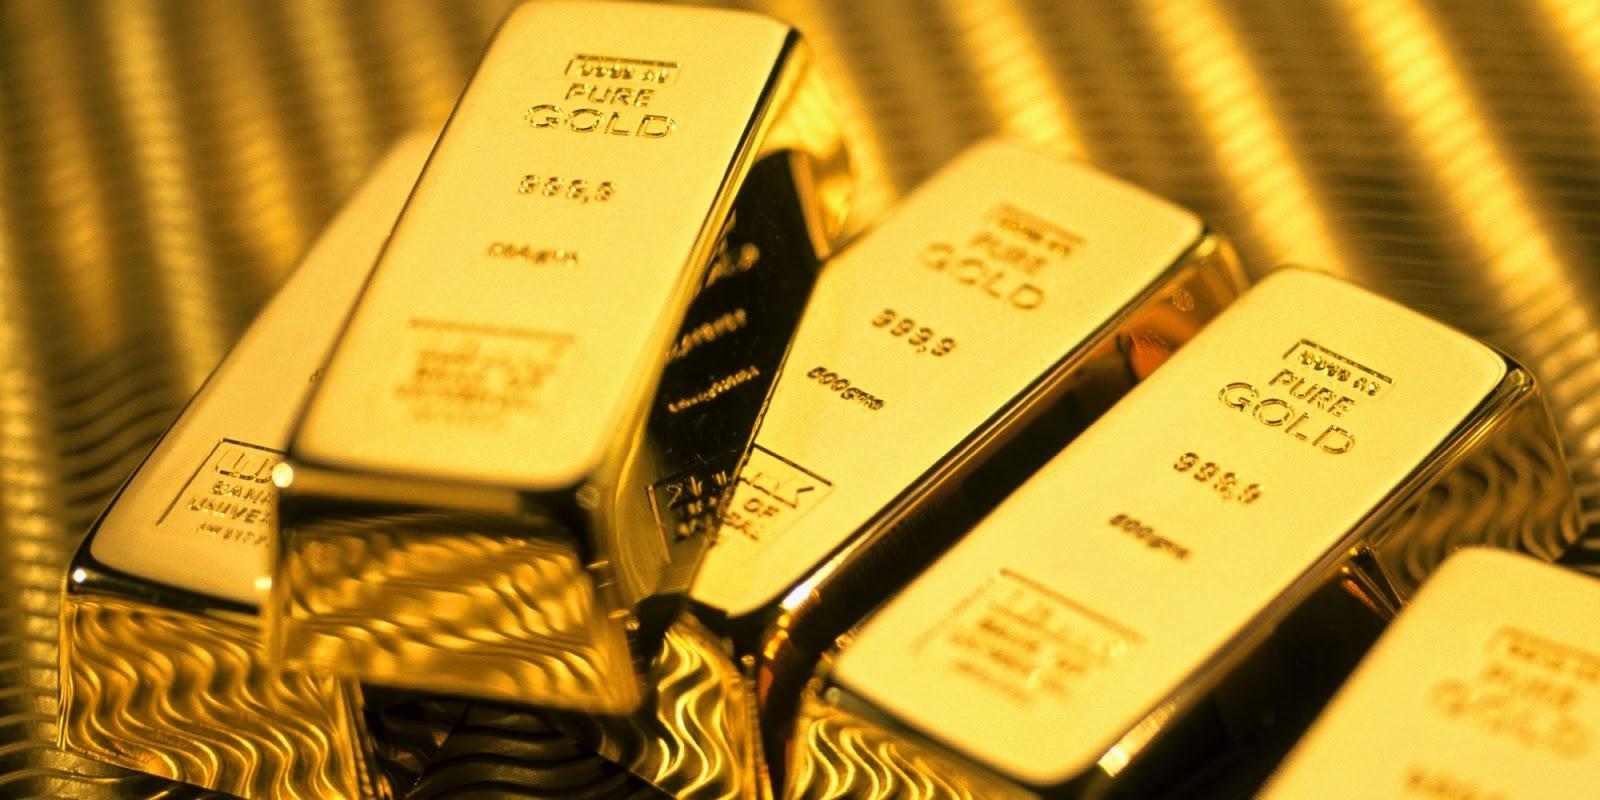 بالصور تفسير حلم الذهب , معنى الذهب في الحلم 3767 11